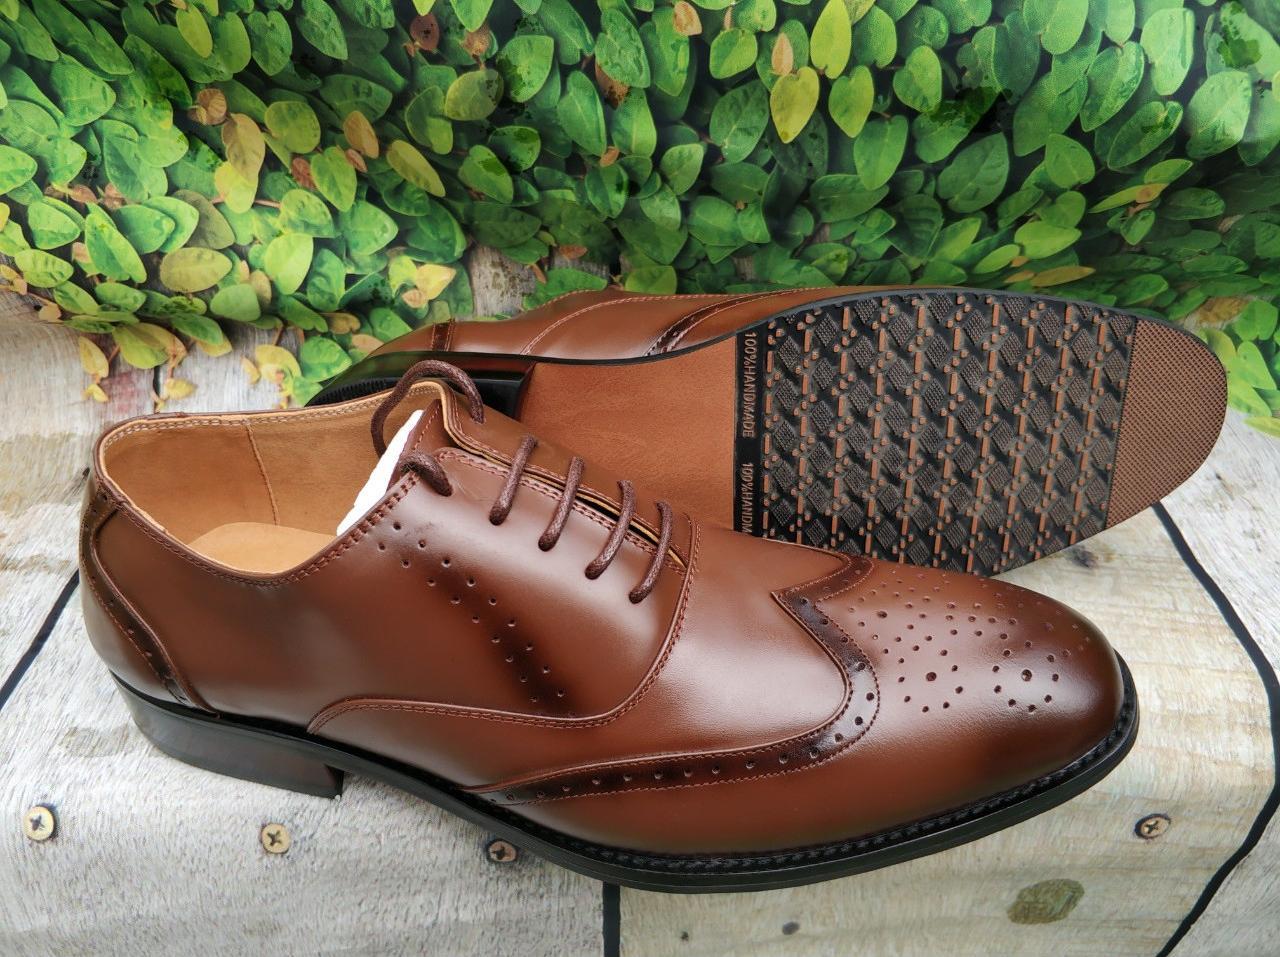 Giày da nam công sở sang trọng lịch lãm -gl51 - nâu nhạt - 38